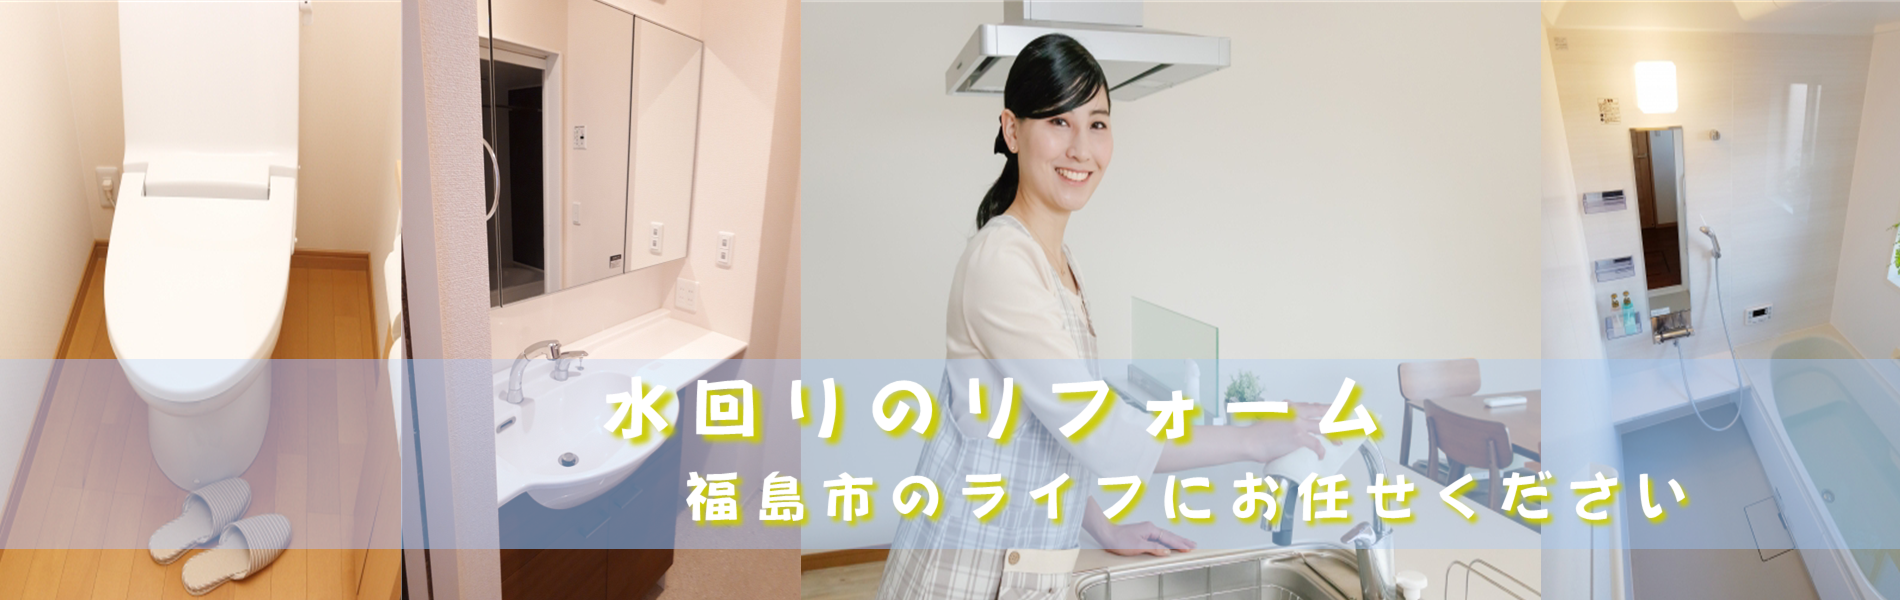 福島市で水回りのことなら地元企業ライフへお任せください